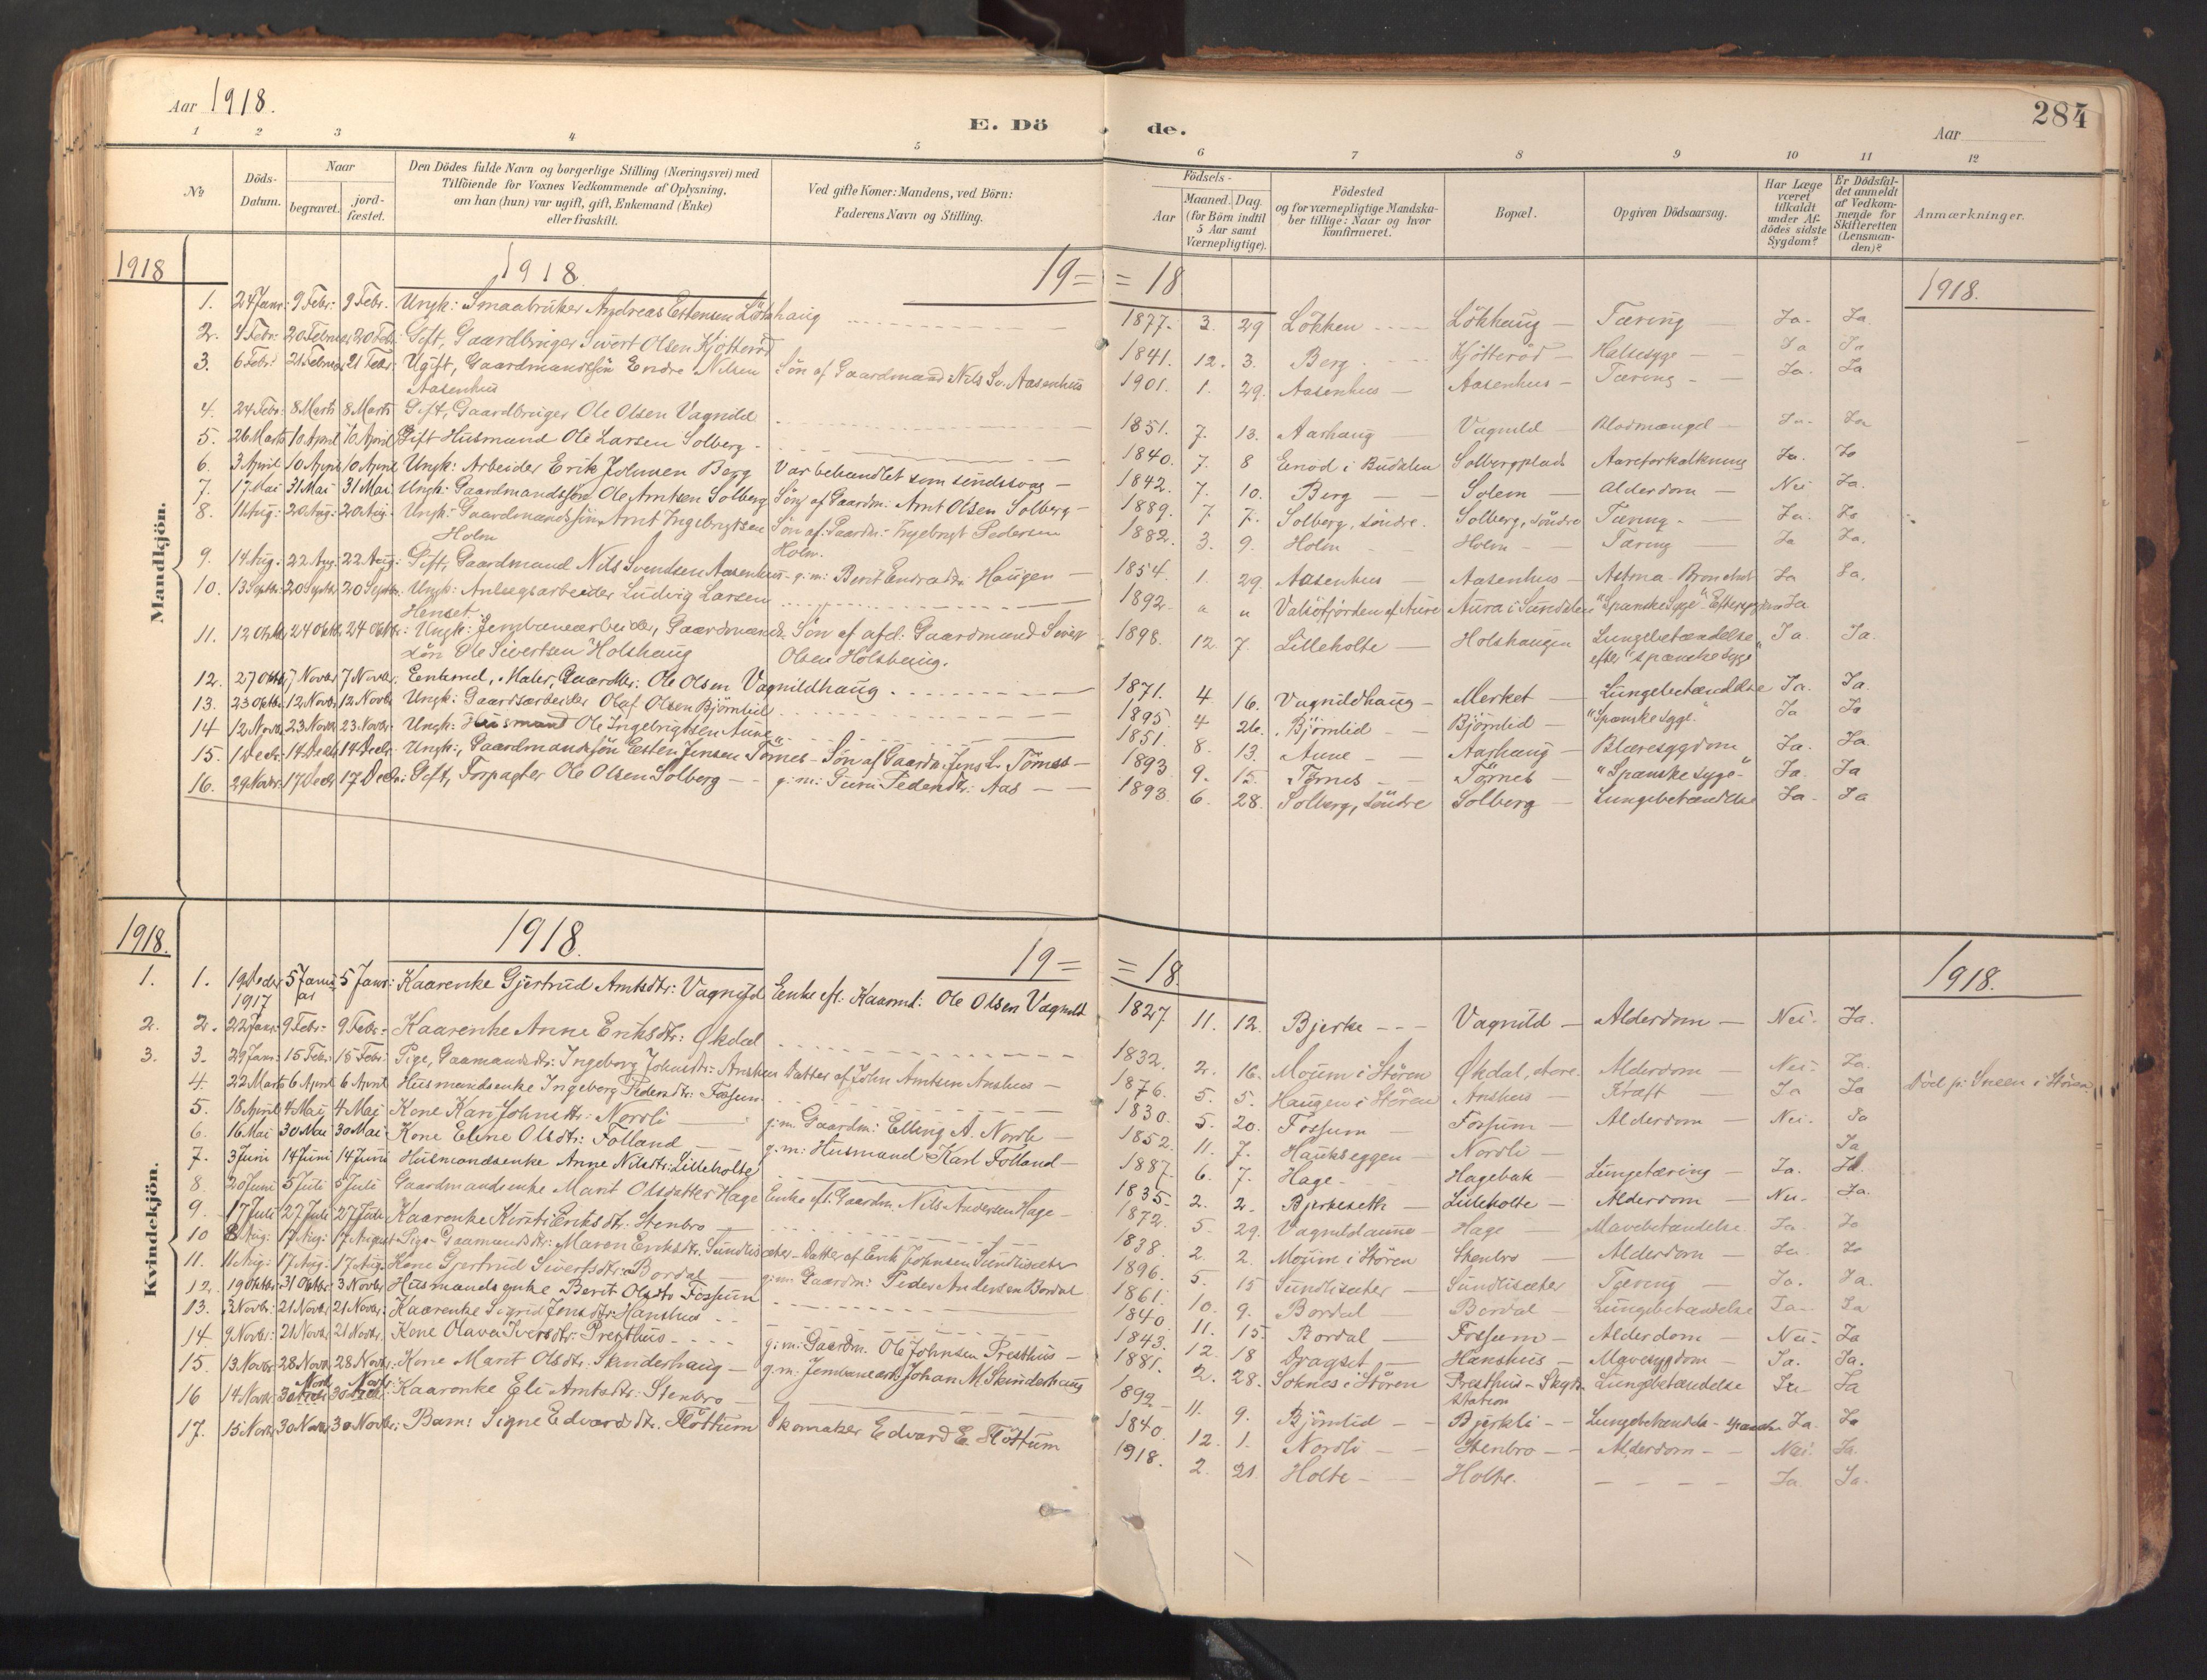 SAT, Ministerialprotokoller, klokkerbøker og fødselsregistre - Sør-Trøndelag, 689/L1041: Ministerialbok nr. 689A06, 1891-1923, s. 284